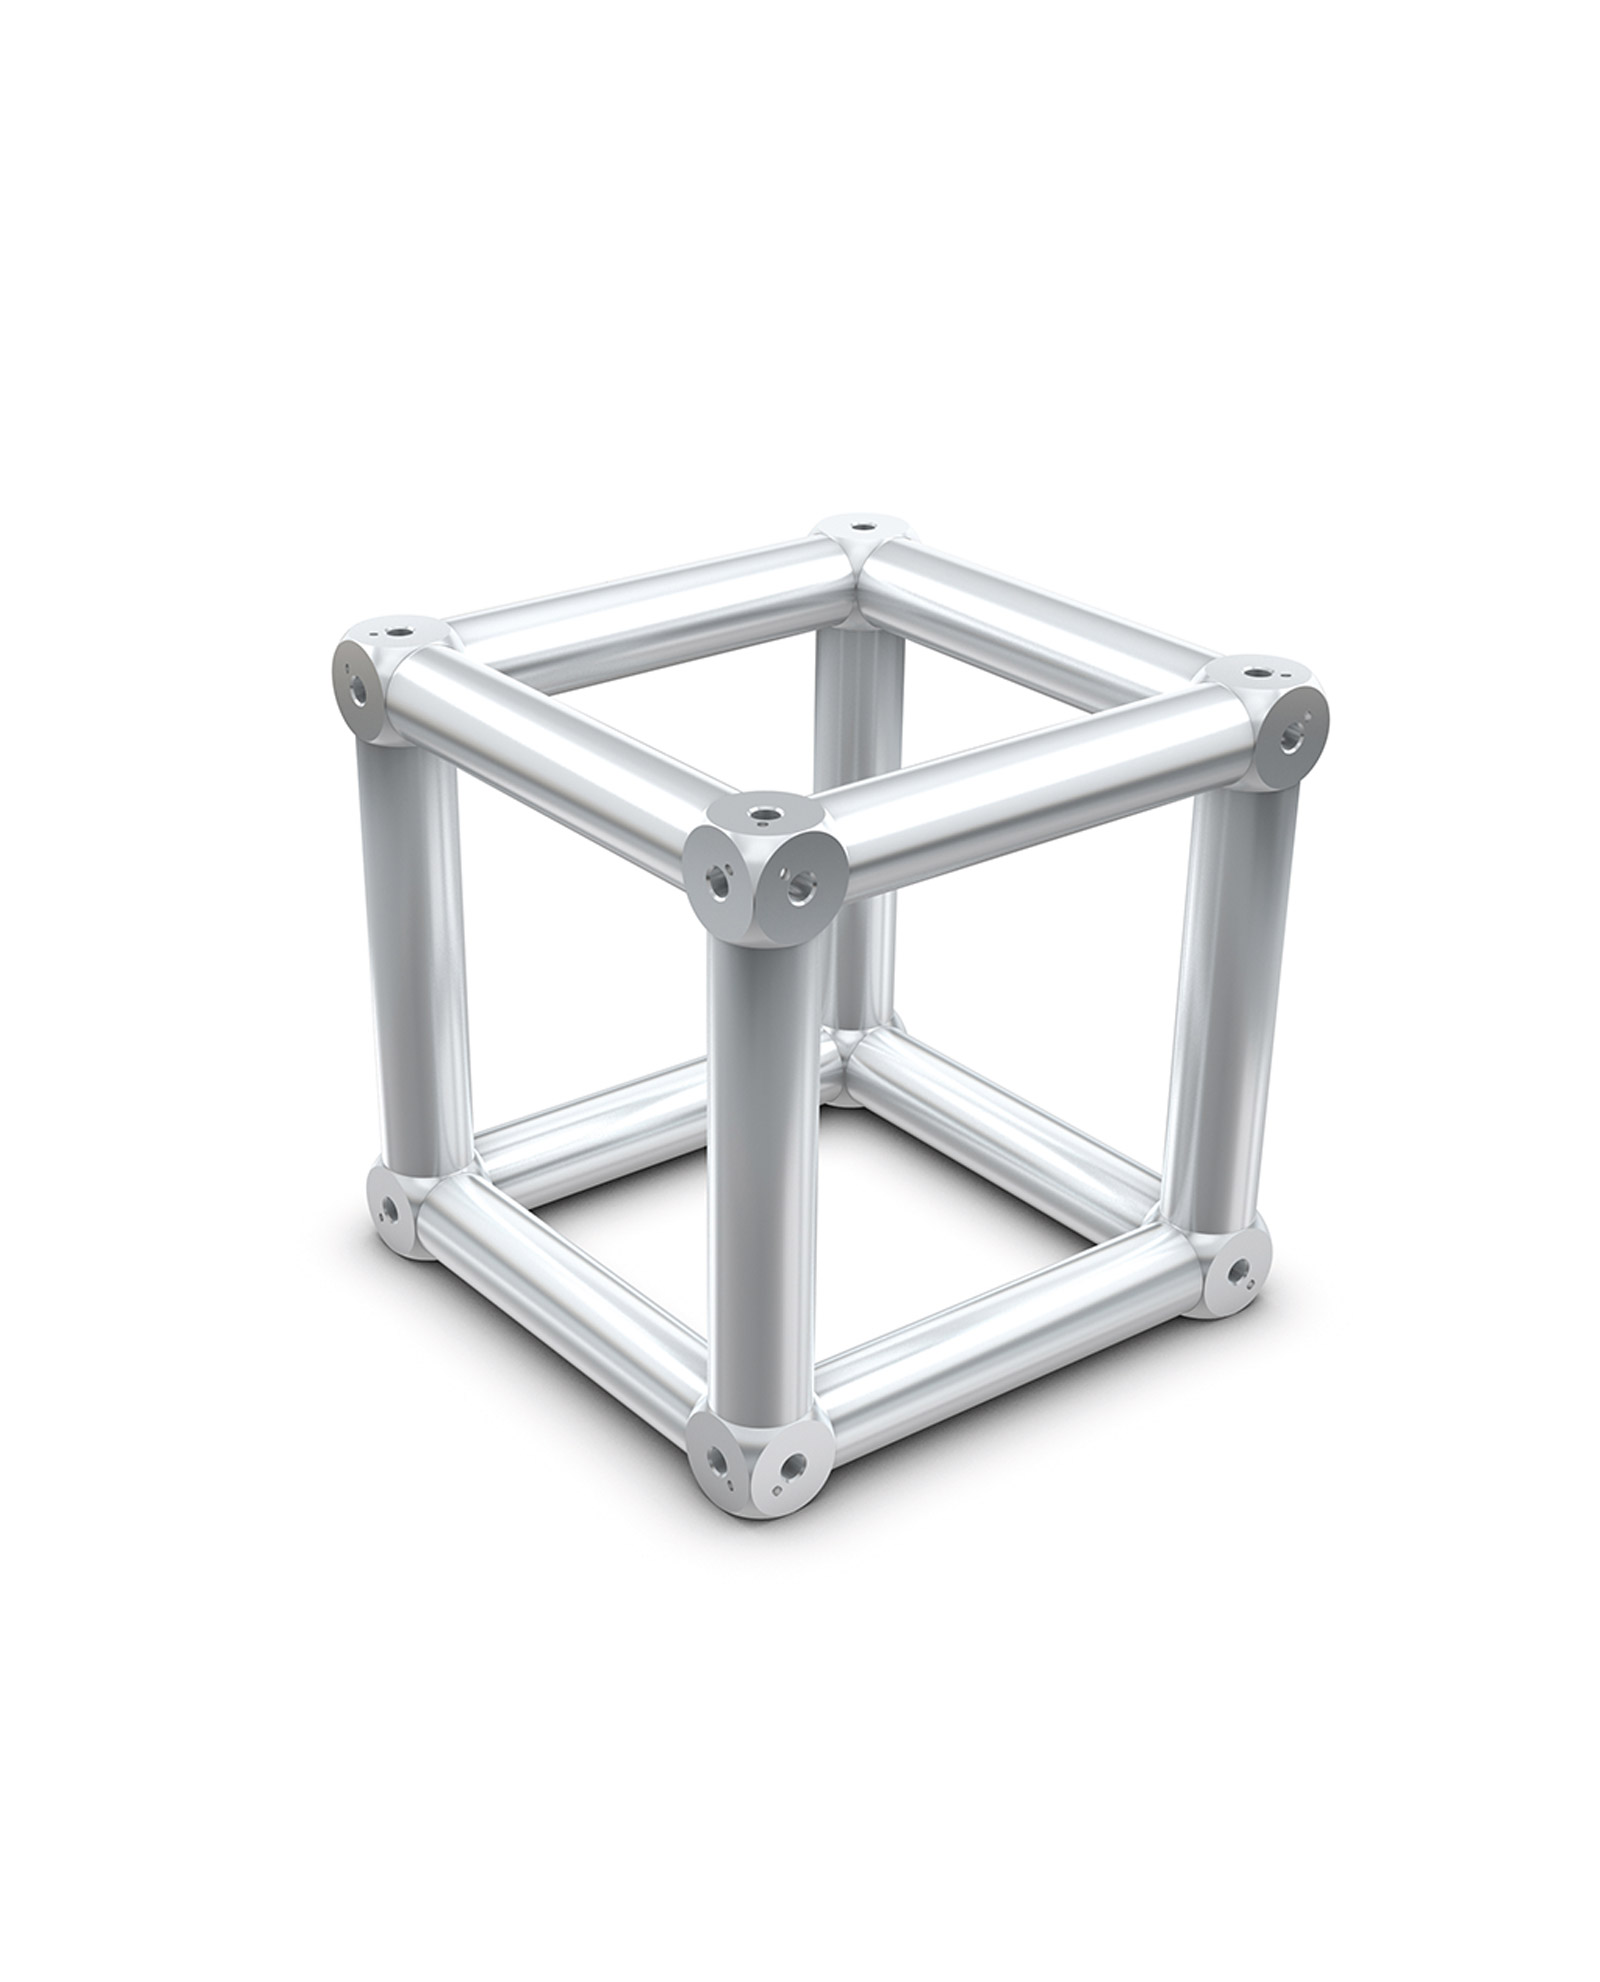 Milos Qc M222 Multicube For M222 Quatro